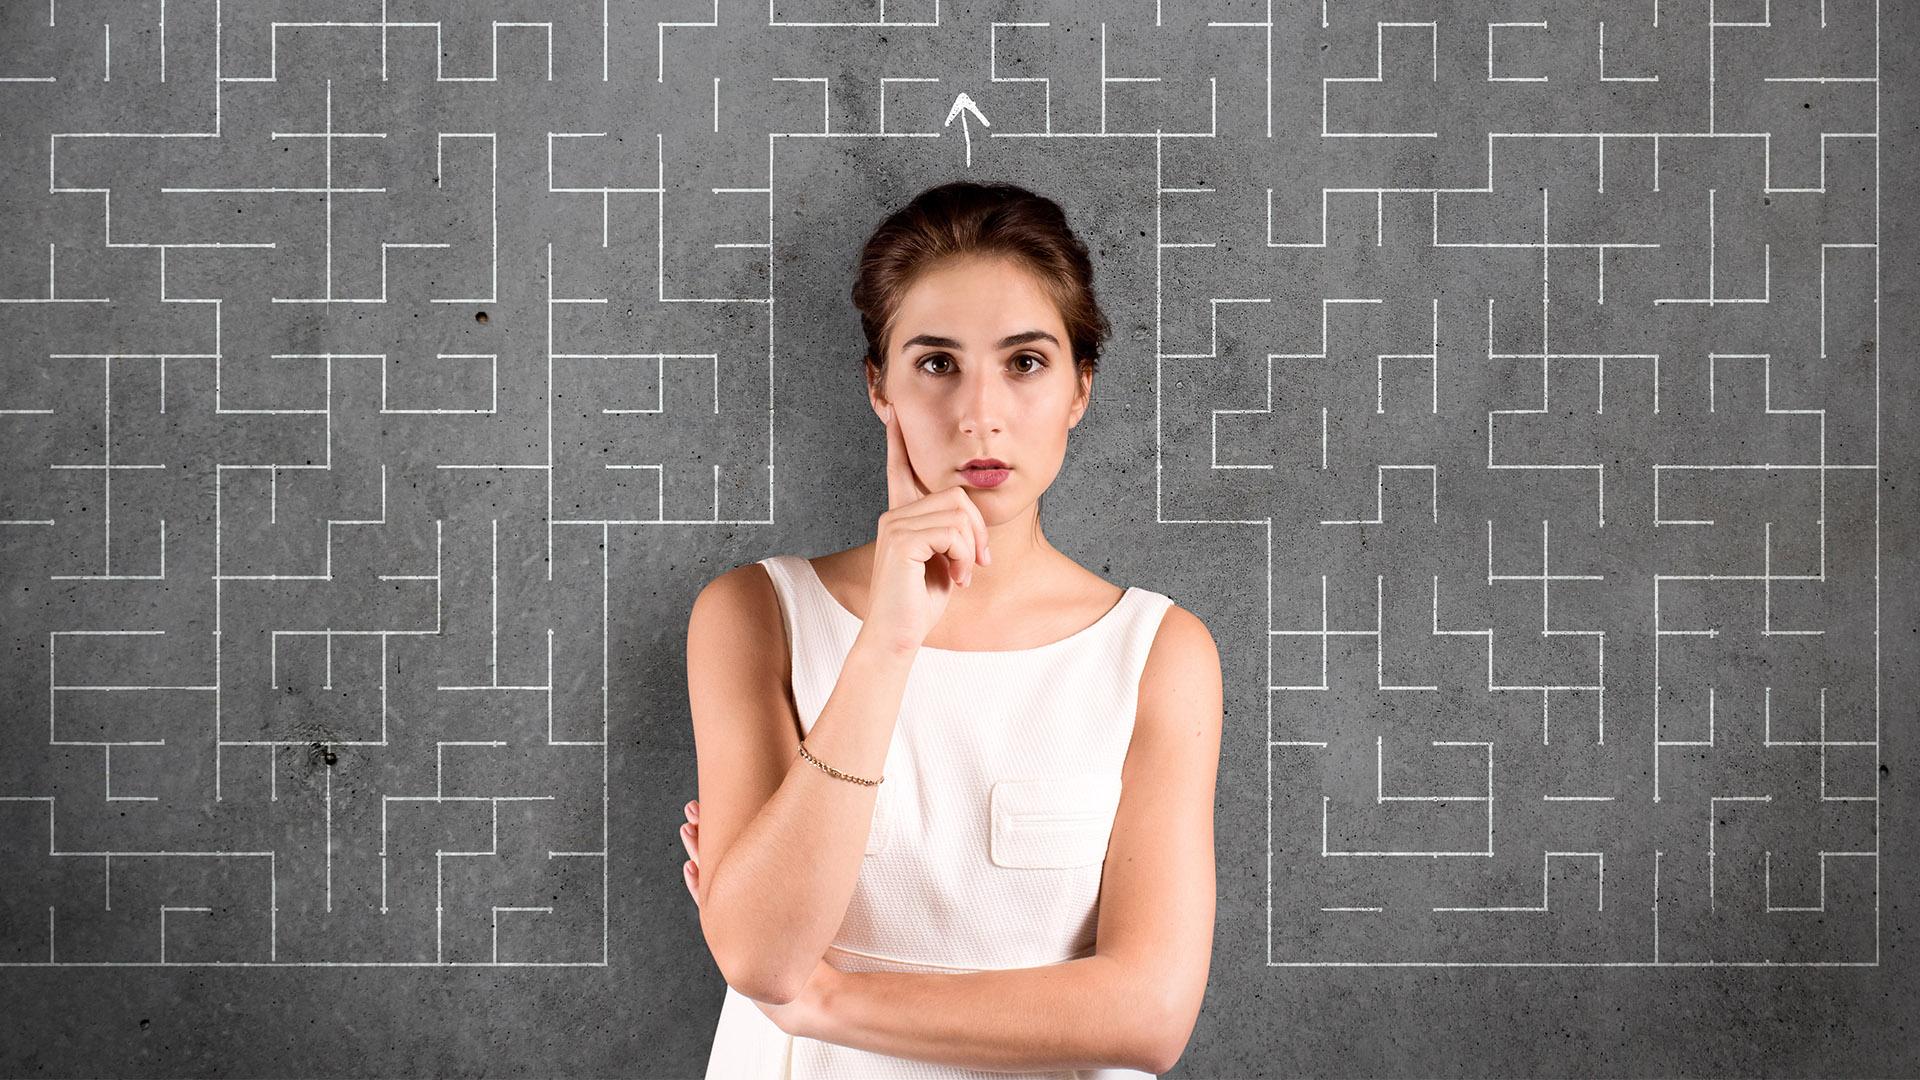 alkalmazkodás bata kata empátia felindulásból cselekedni frederick-féle gyorsteszt intelligencia jelek képességek kíváncsiskodás kommunikáció megfigyelés memória